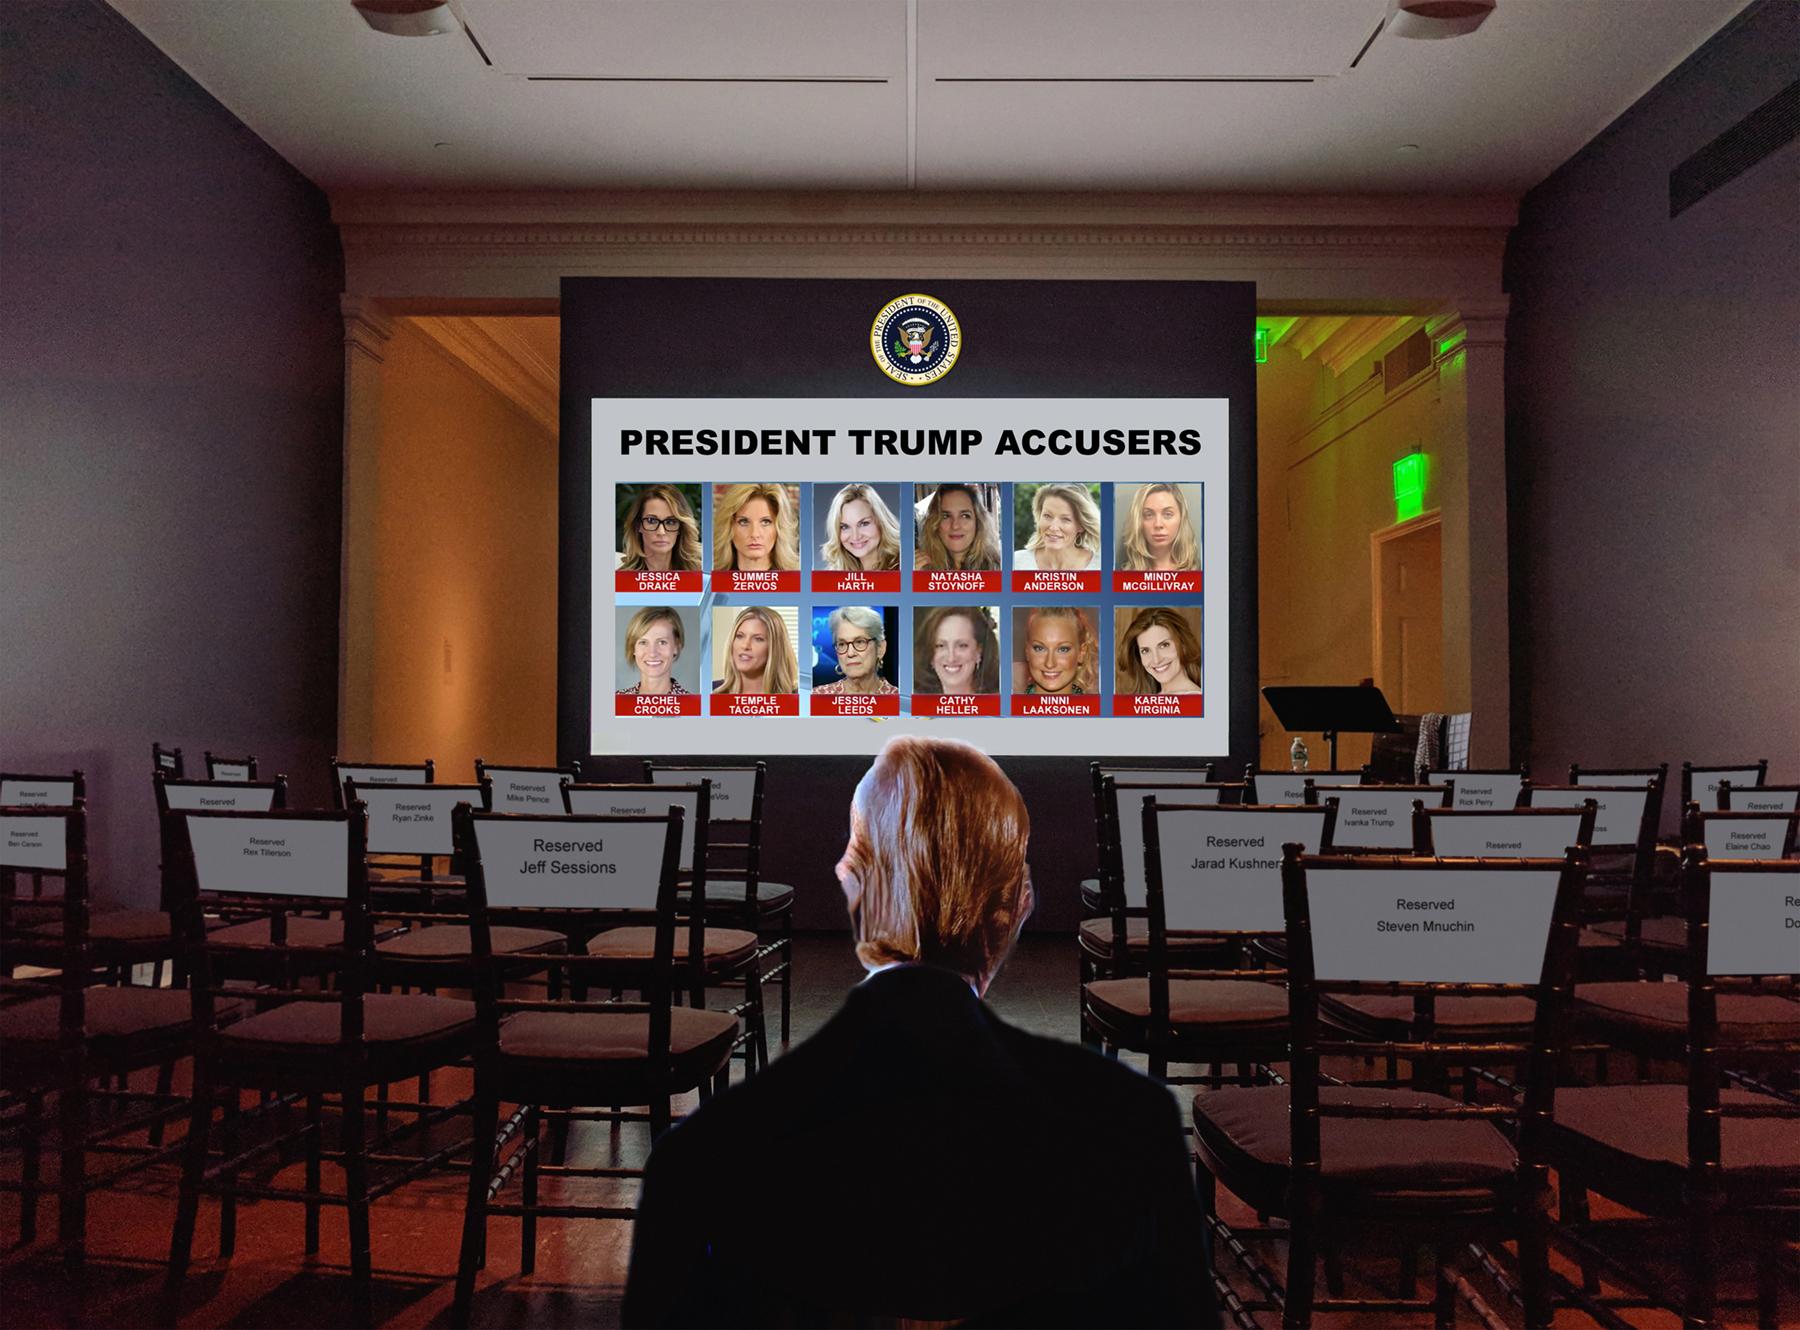 StephenSpiller_Trump_Theater_Accusers.jpg